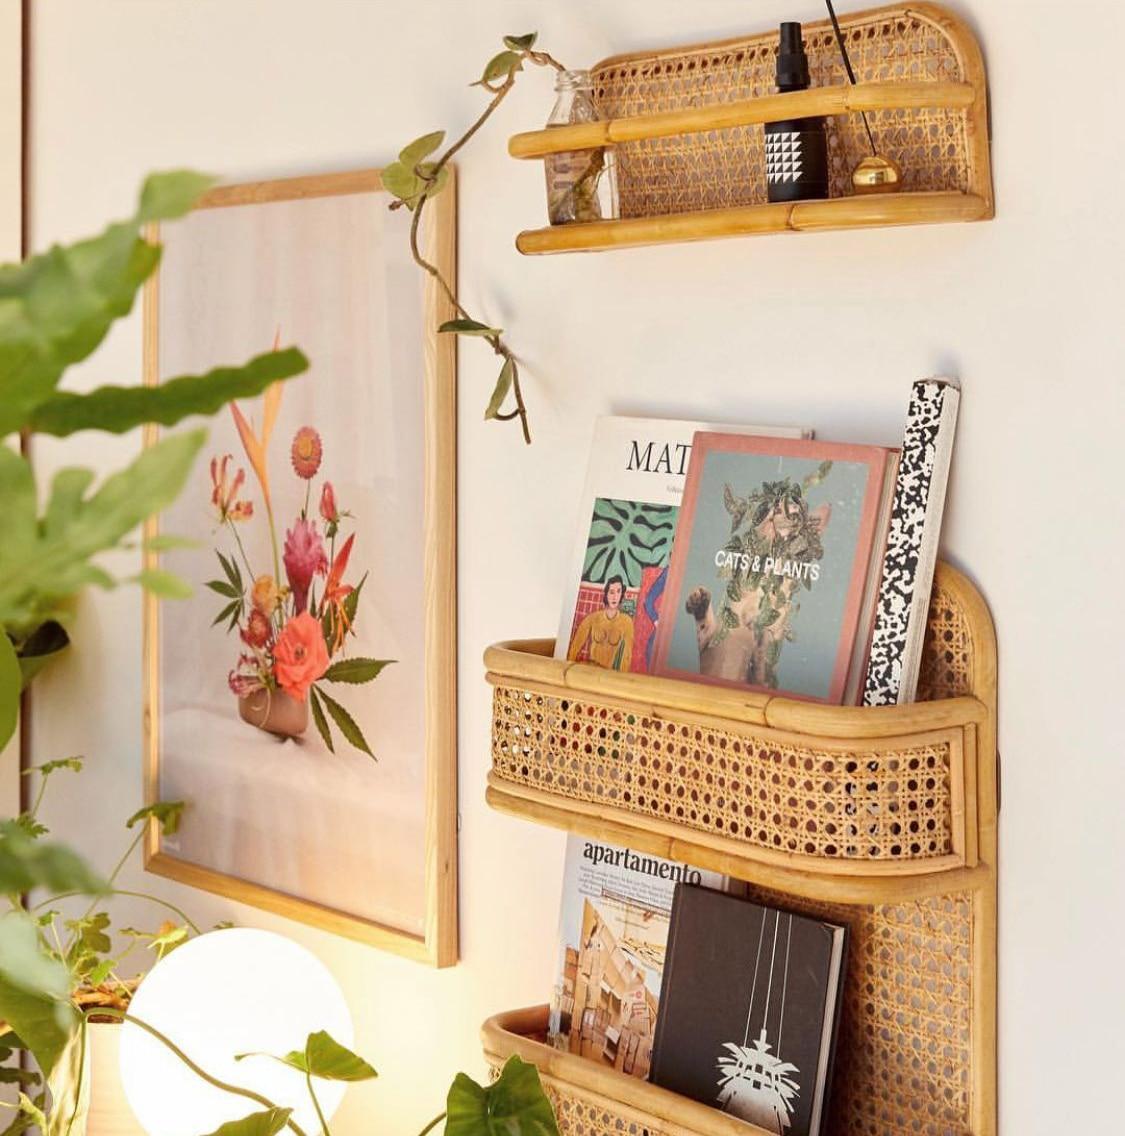 Настенная бамбуковая полка для хранения, ручная вязка, настенная вешалка, органайзер L46 X W13 см|Хранилище для дома и офиса|   | АлиЭкспресс - Красивые полки для дома